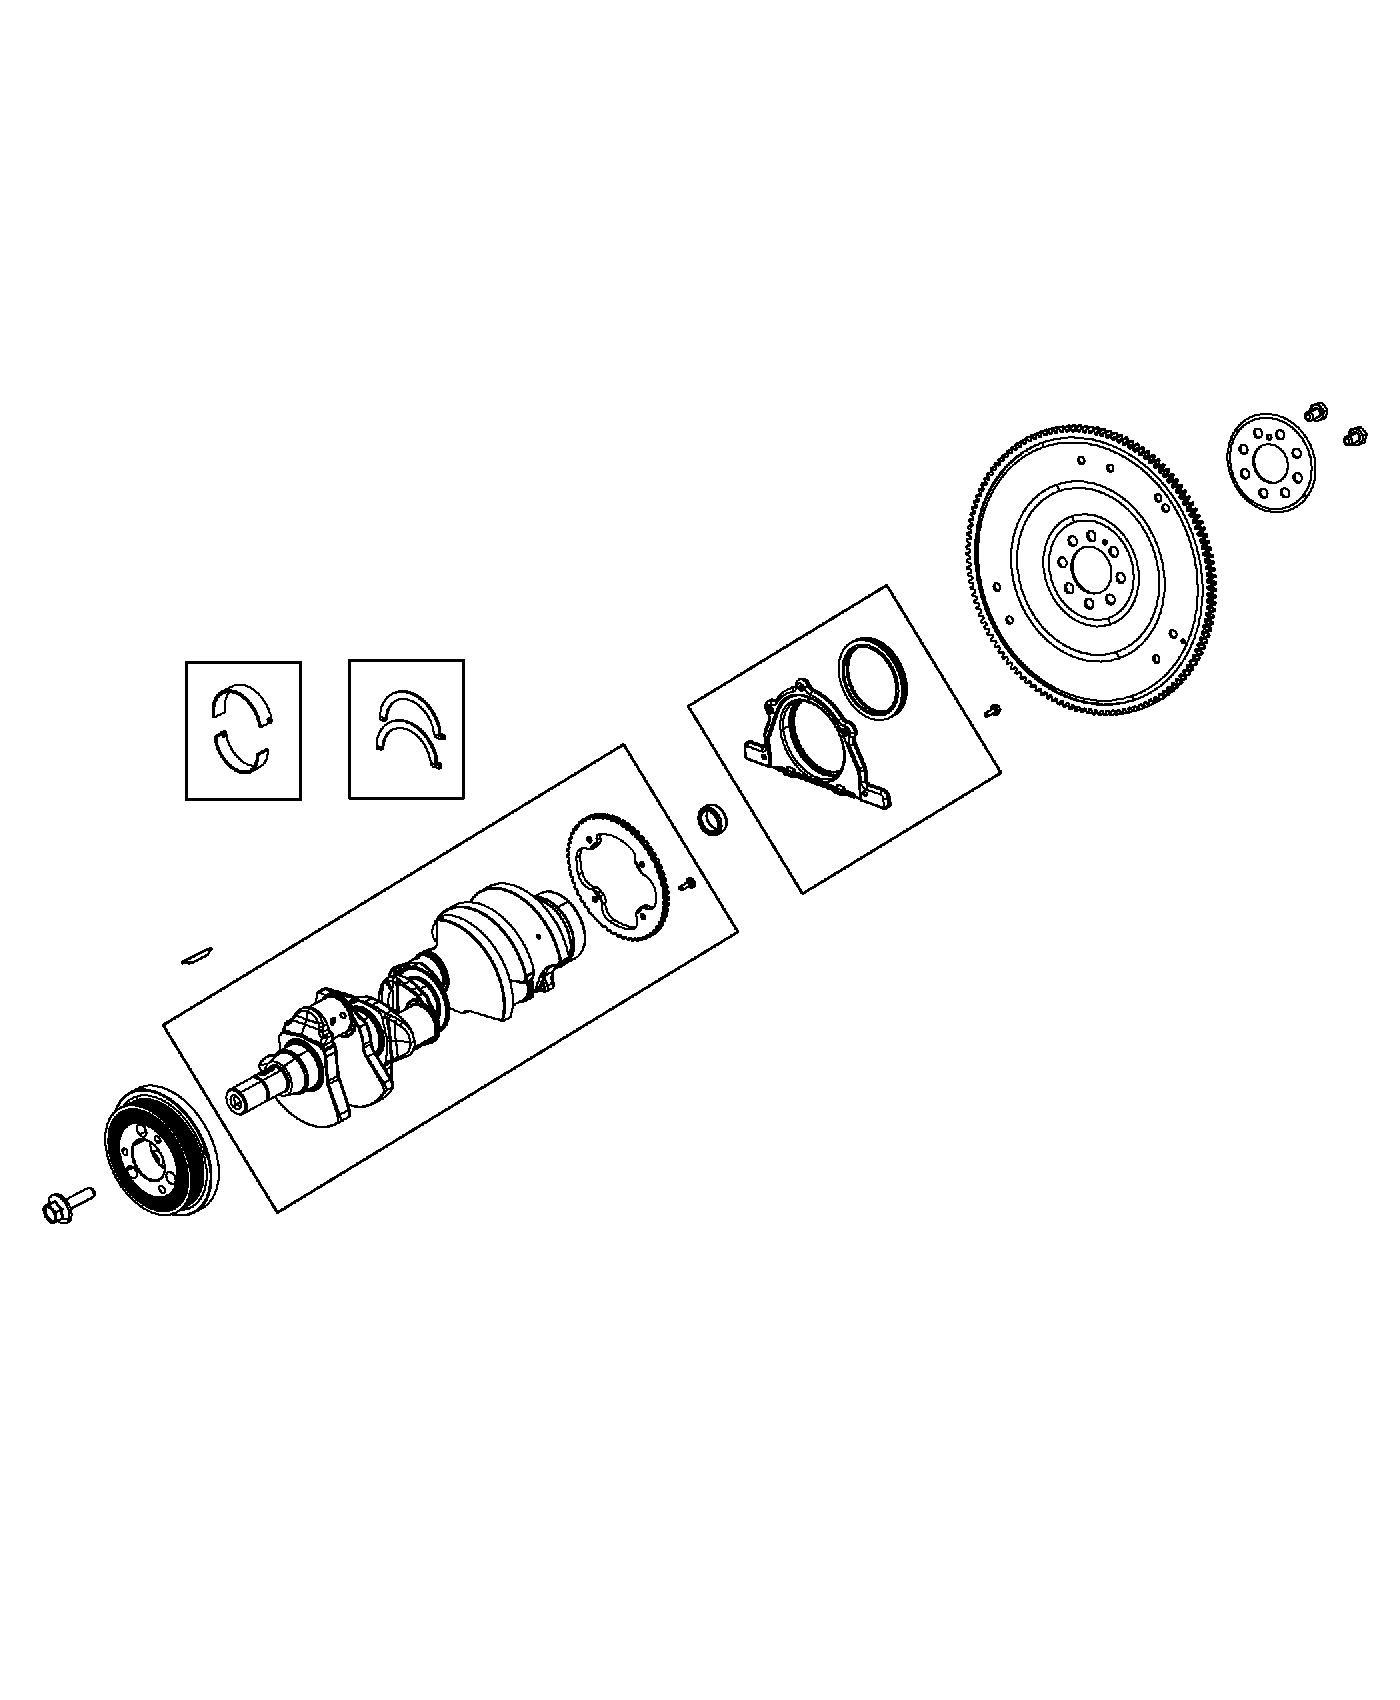 Ram 1500 Plate. Torque converter drive. [8-spd auto 8hp70